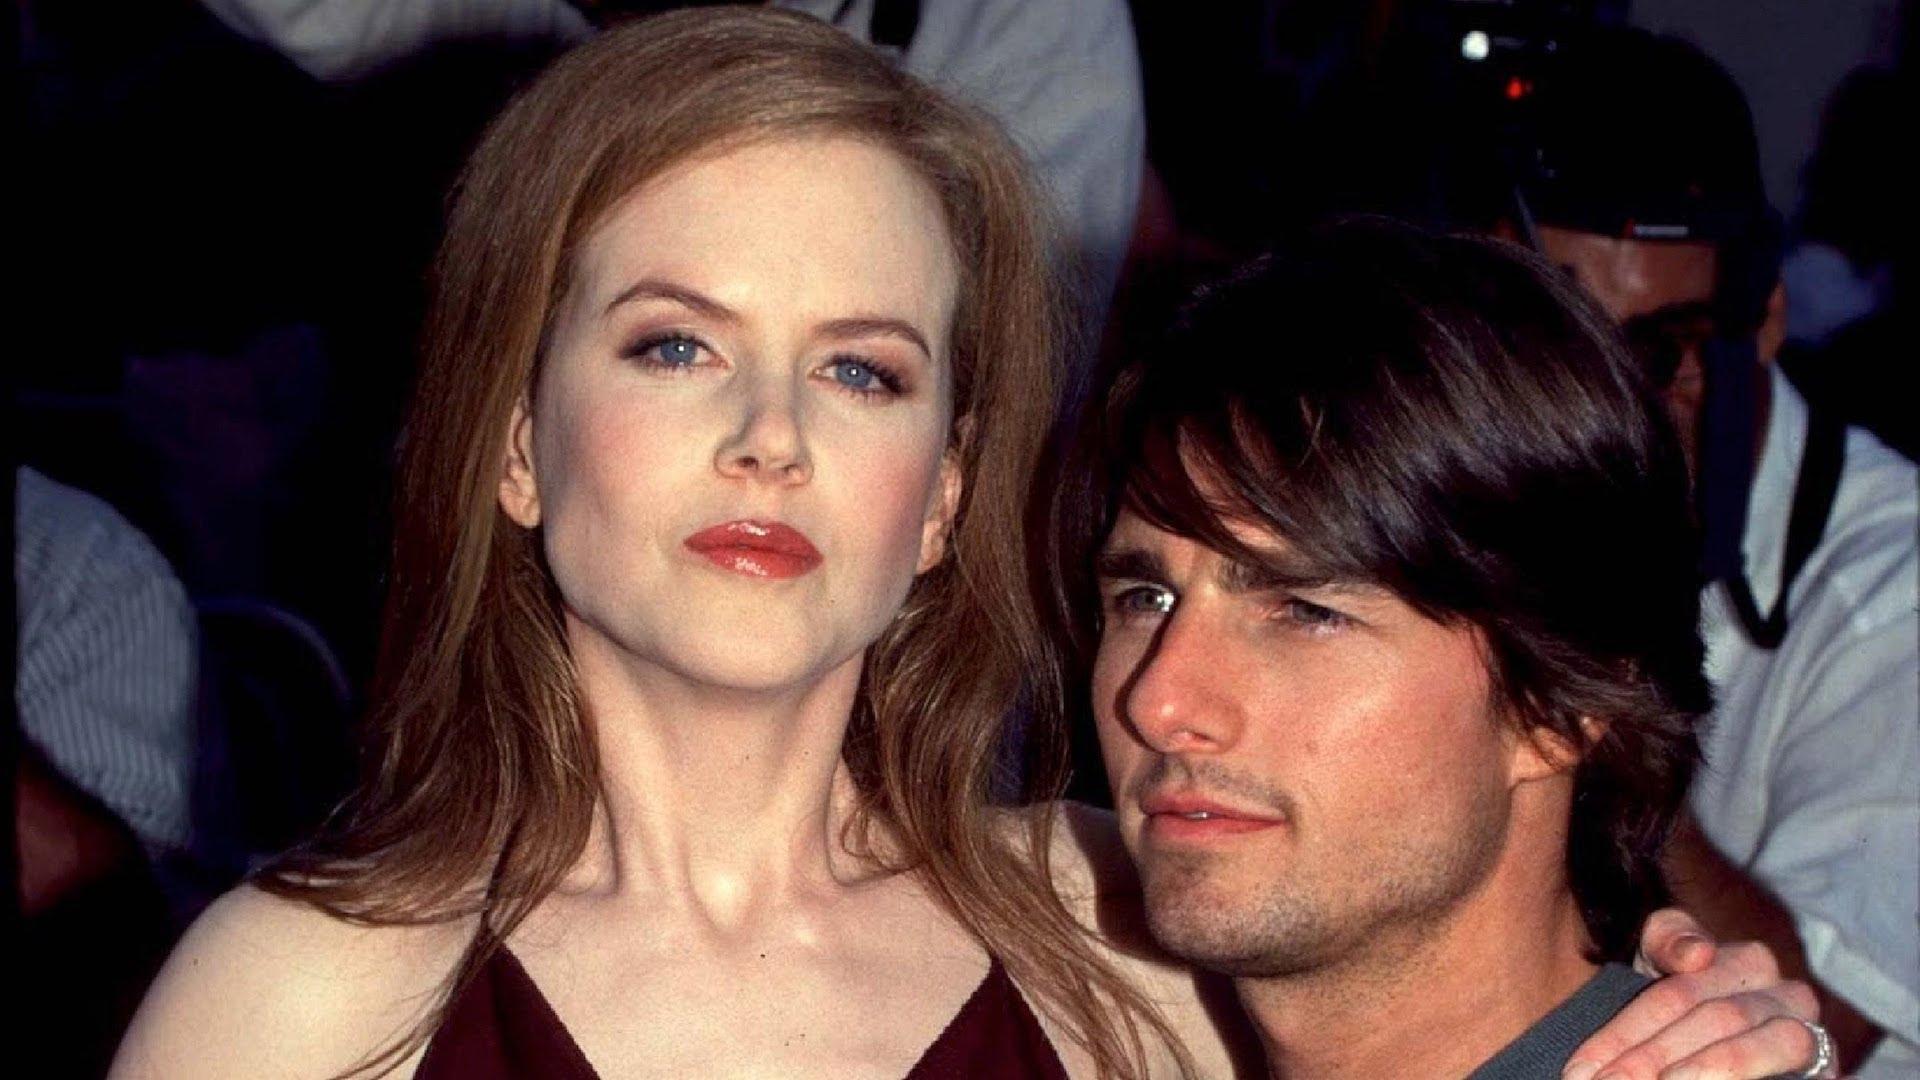 Rudowłosa kobieta obejmuje bruneta niższego od niej o głowę